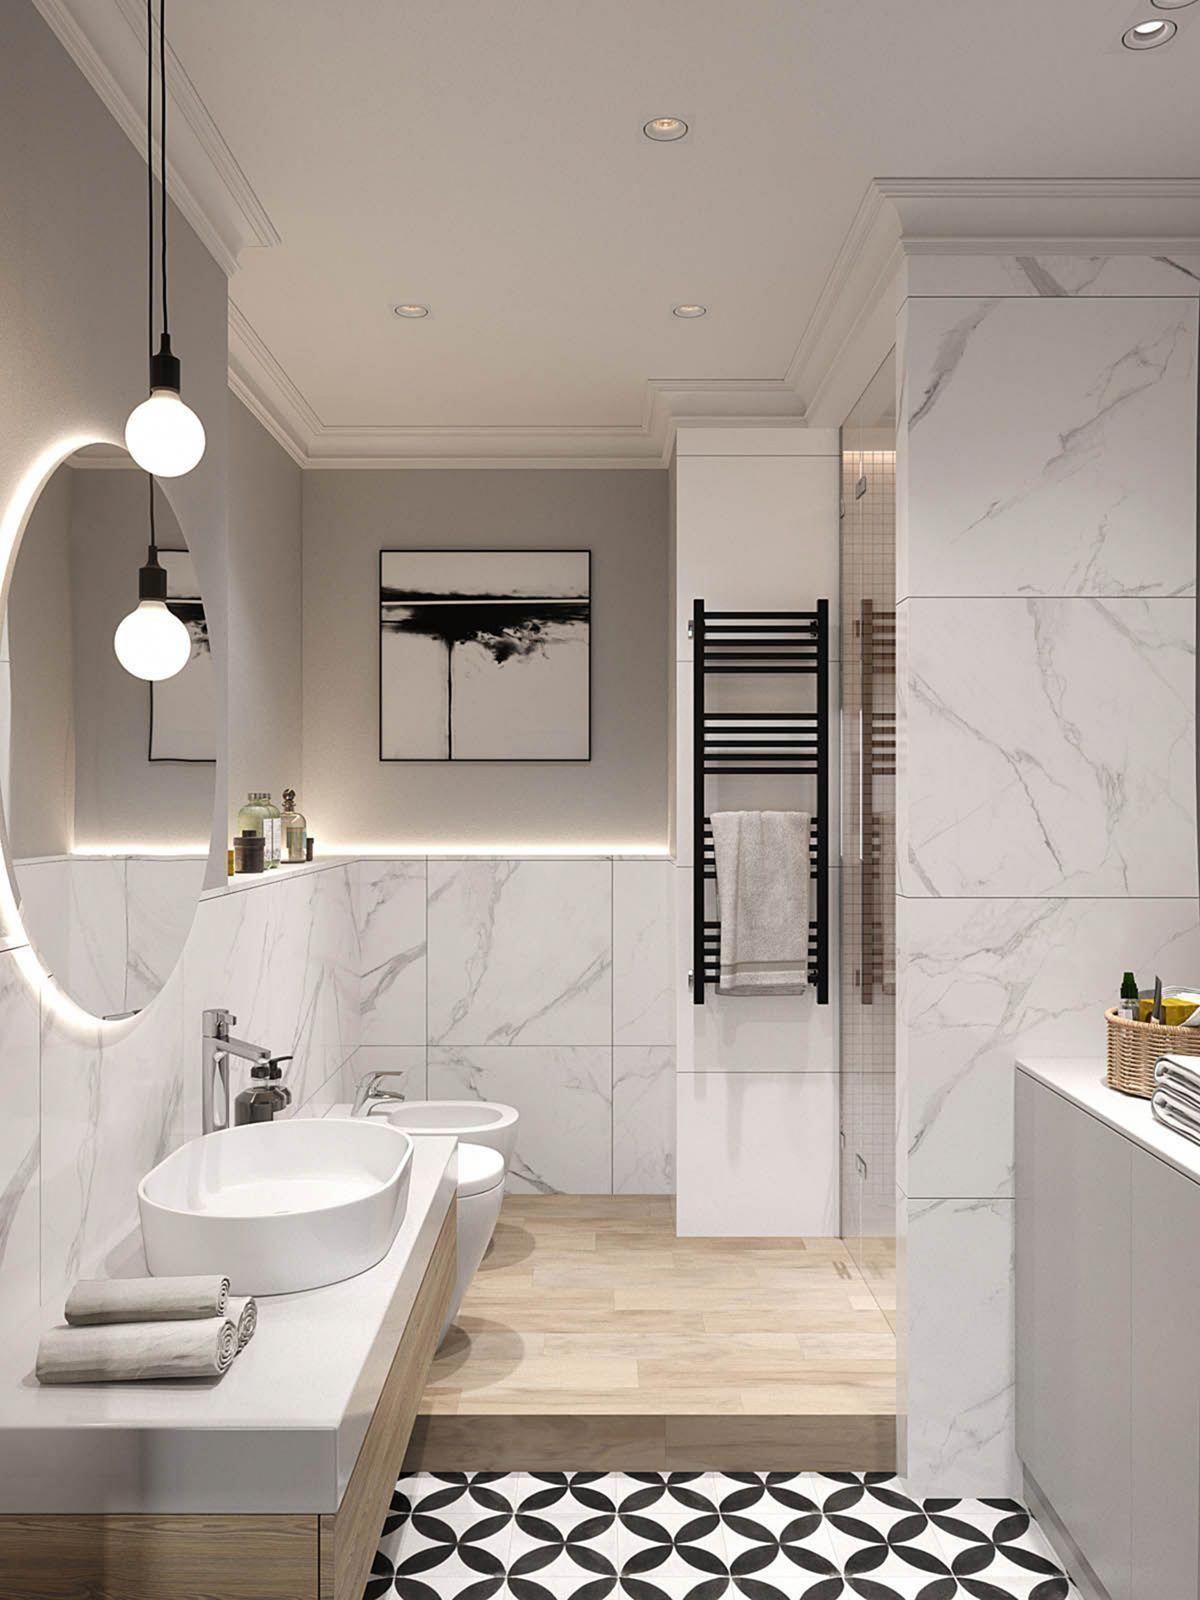 Bathroom Set Learn How To Choose And See Decor References In 2020 Waschbecken Design Badezimmer Innenausstattung Badezimmer Renovieren